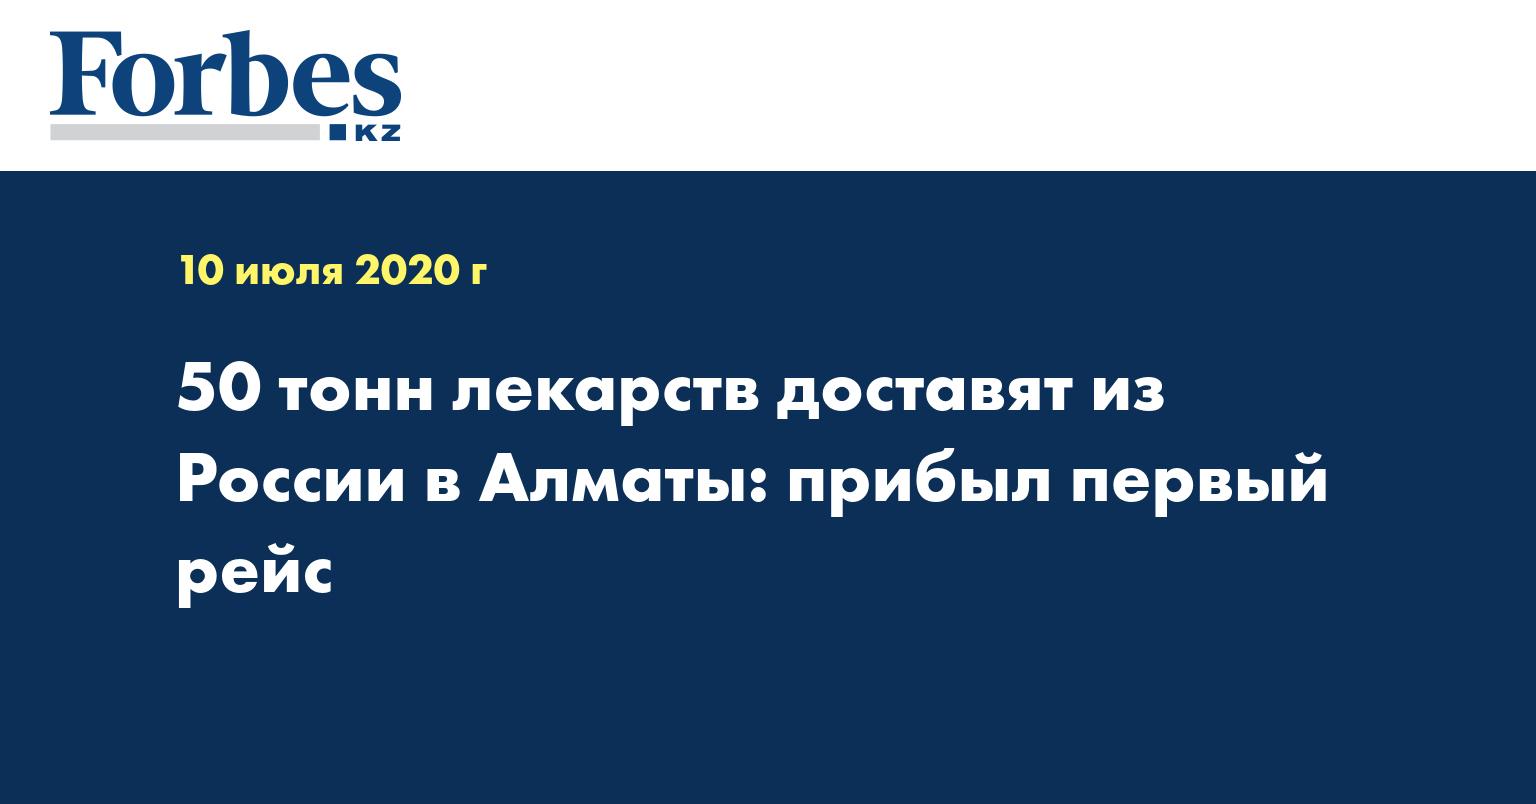 50 тонн лекарств доставят из России в Алматы: прибыл первый рейс